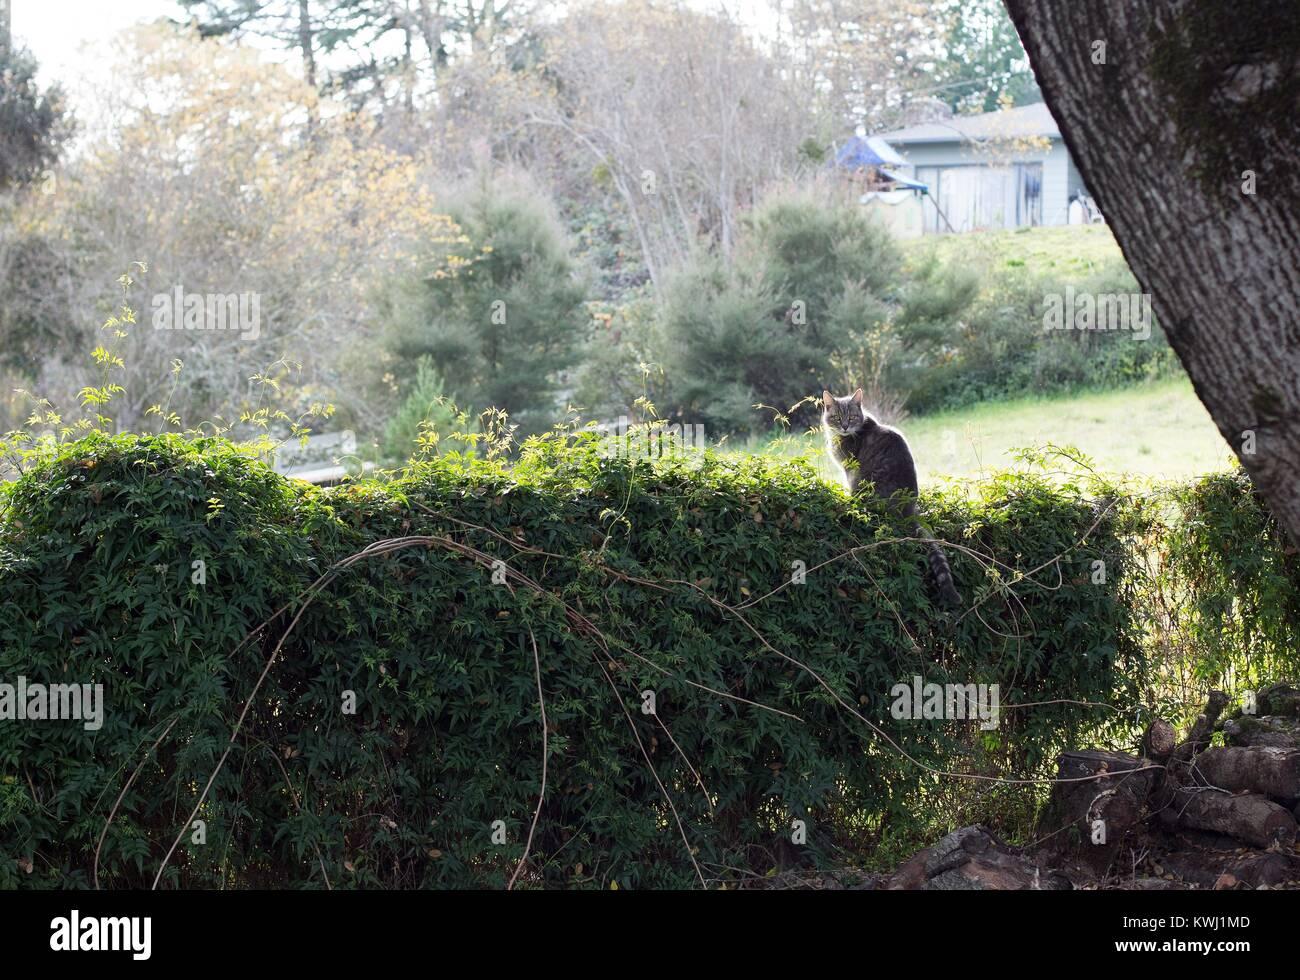 Eine graue Katze sitzt auf einer Hecke. Stockbild